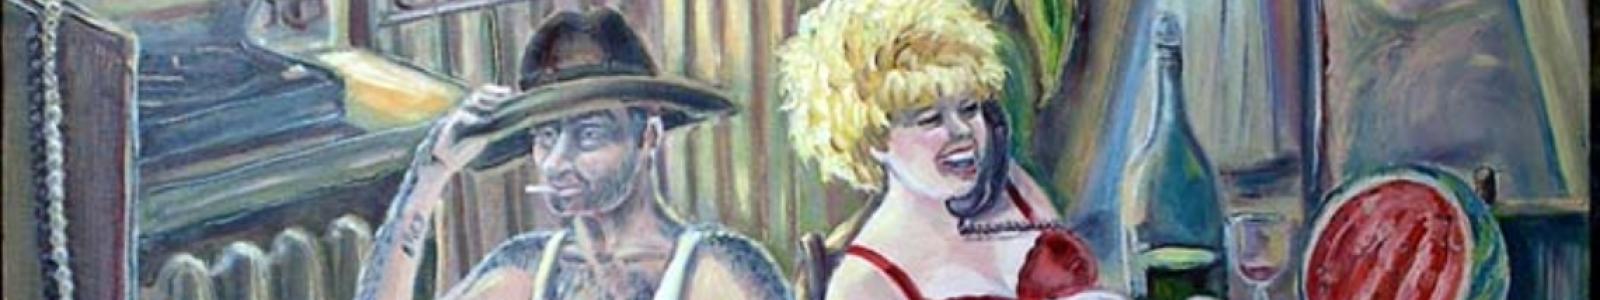 Gallery Painter Irina Garshina